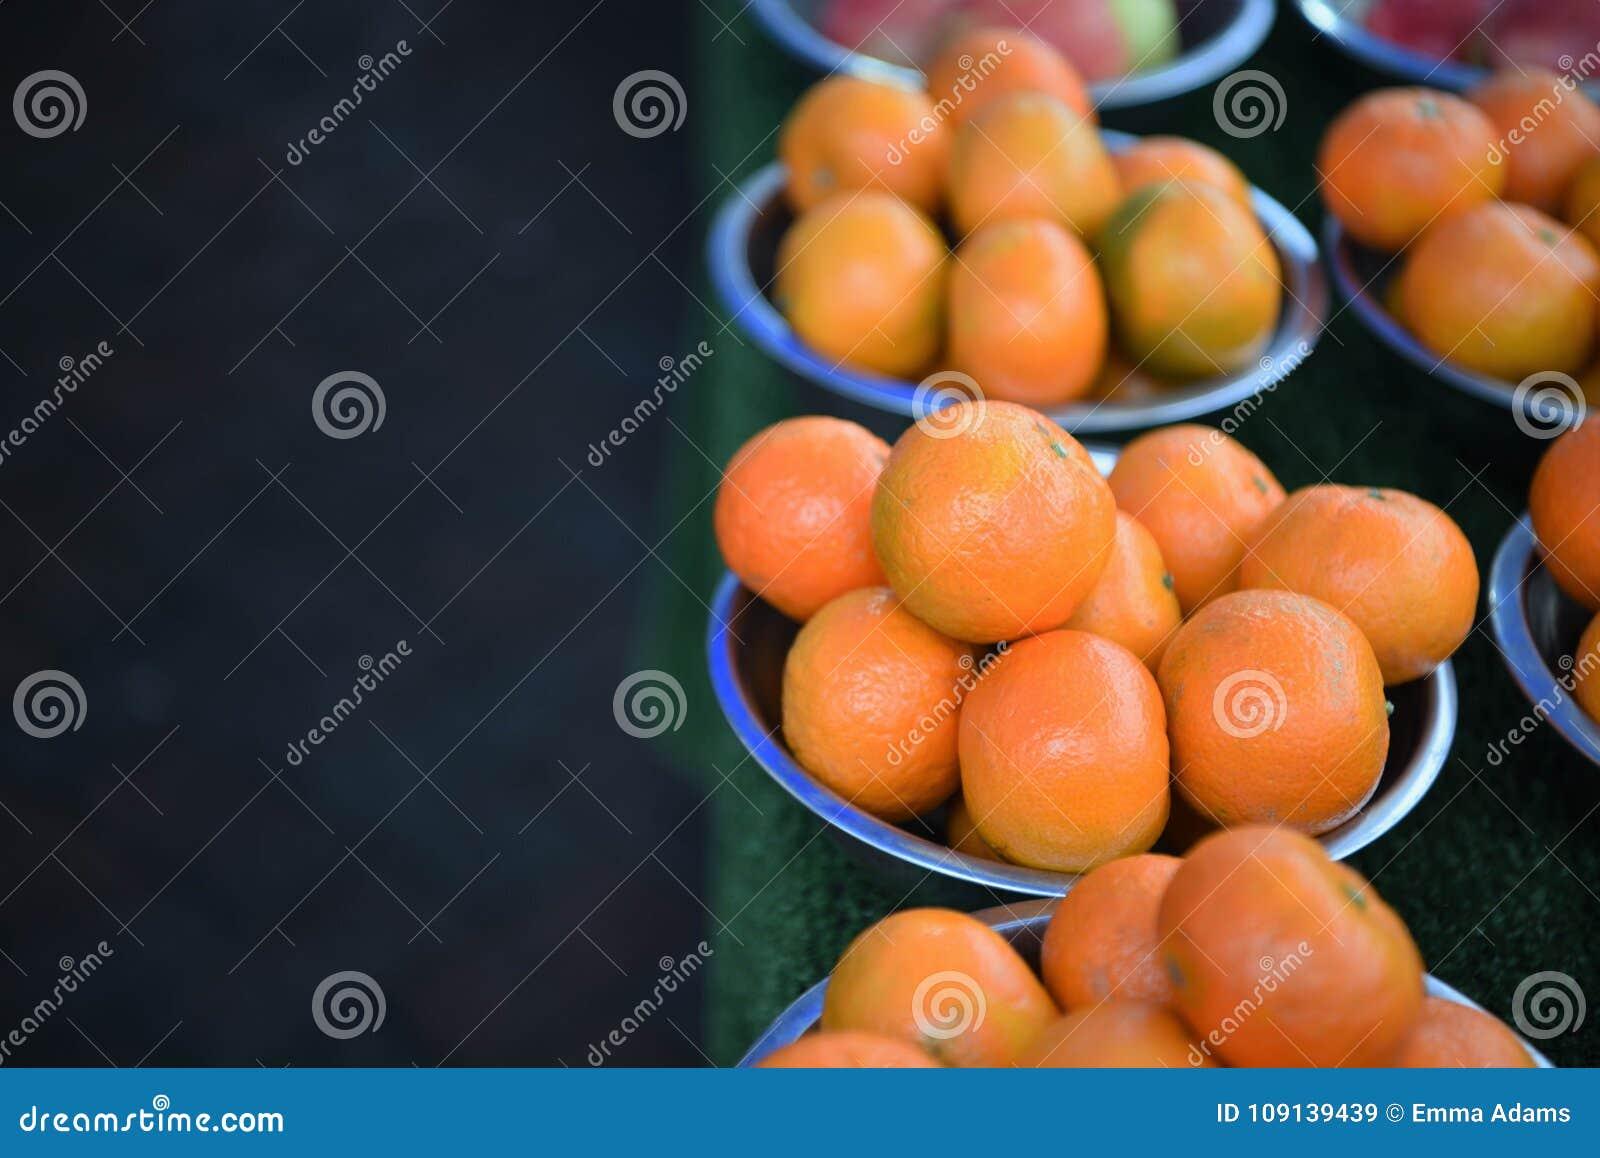 Νωποί καρποί των φωτεινών χρωματισμένων πορτοκαλιών στα κύπελλα με το σκοτεινό υπόβαθρο